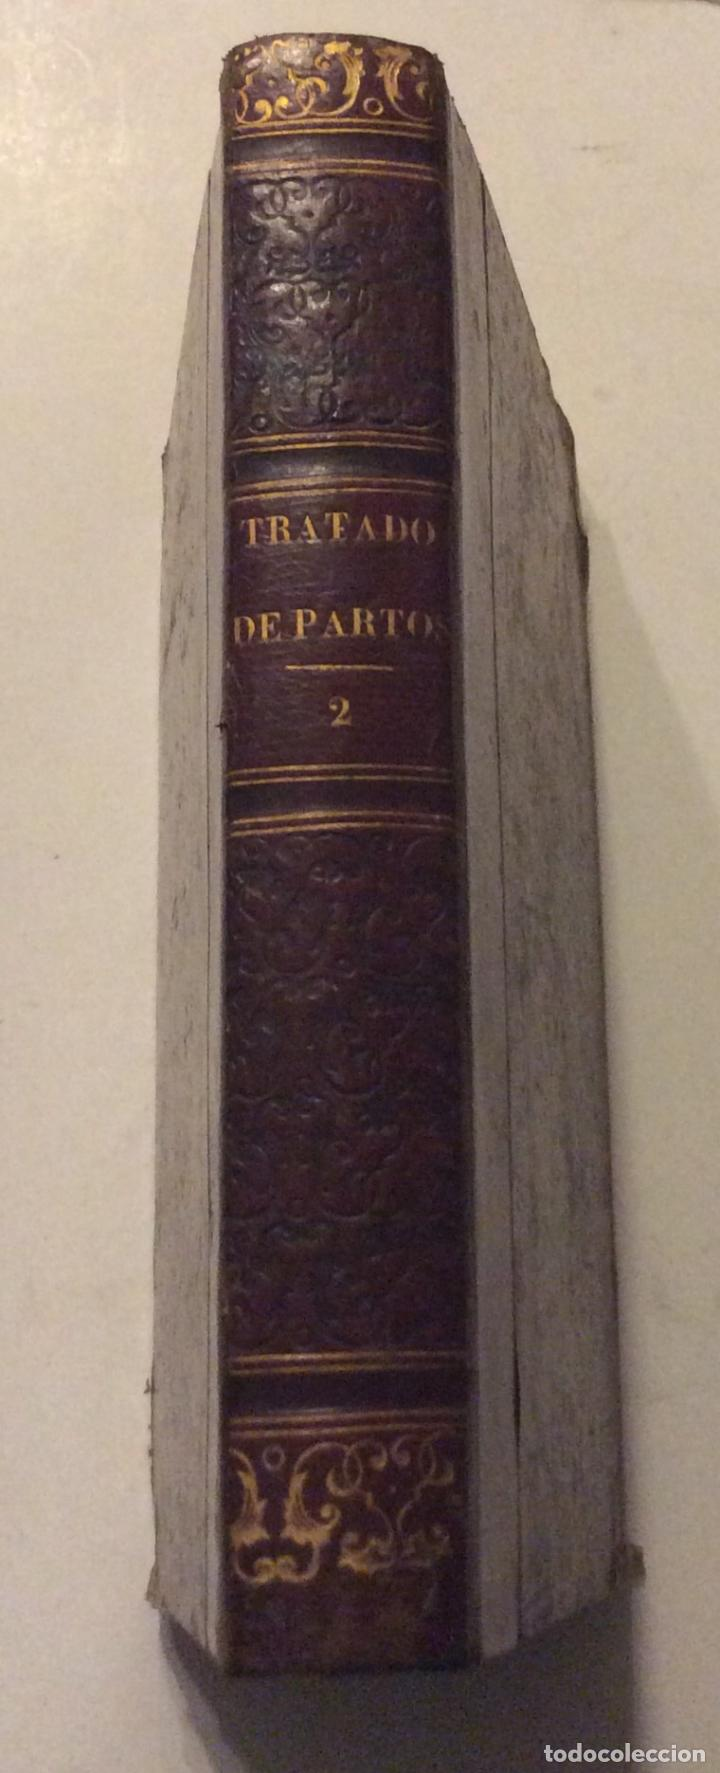 Libros antiguos: TRATADO PRACTICO DE PARTOS ,F.J.MOREAU ,MADRID 1842-TOMO II - Foto 4 - 234890995